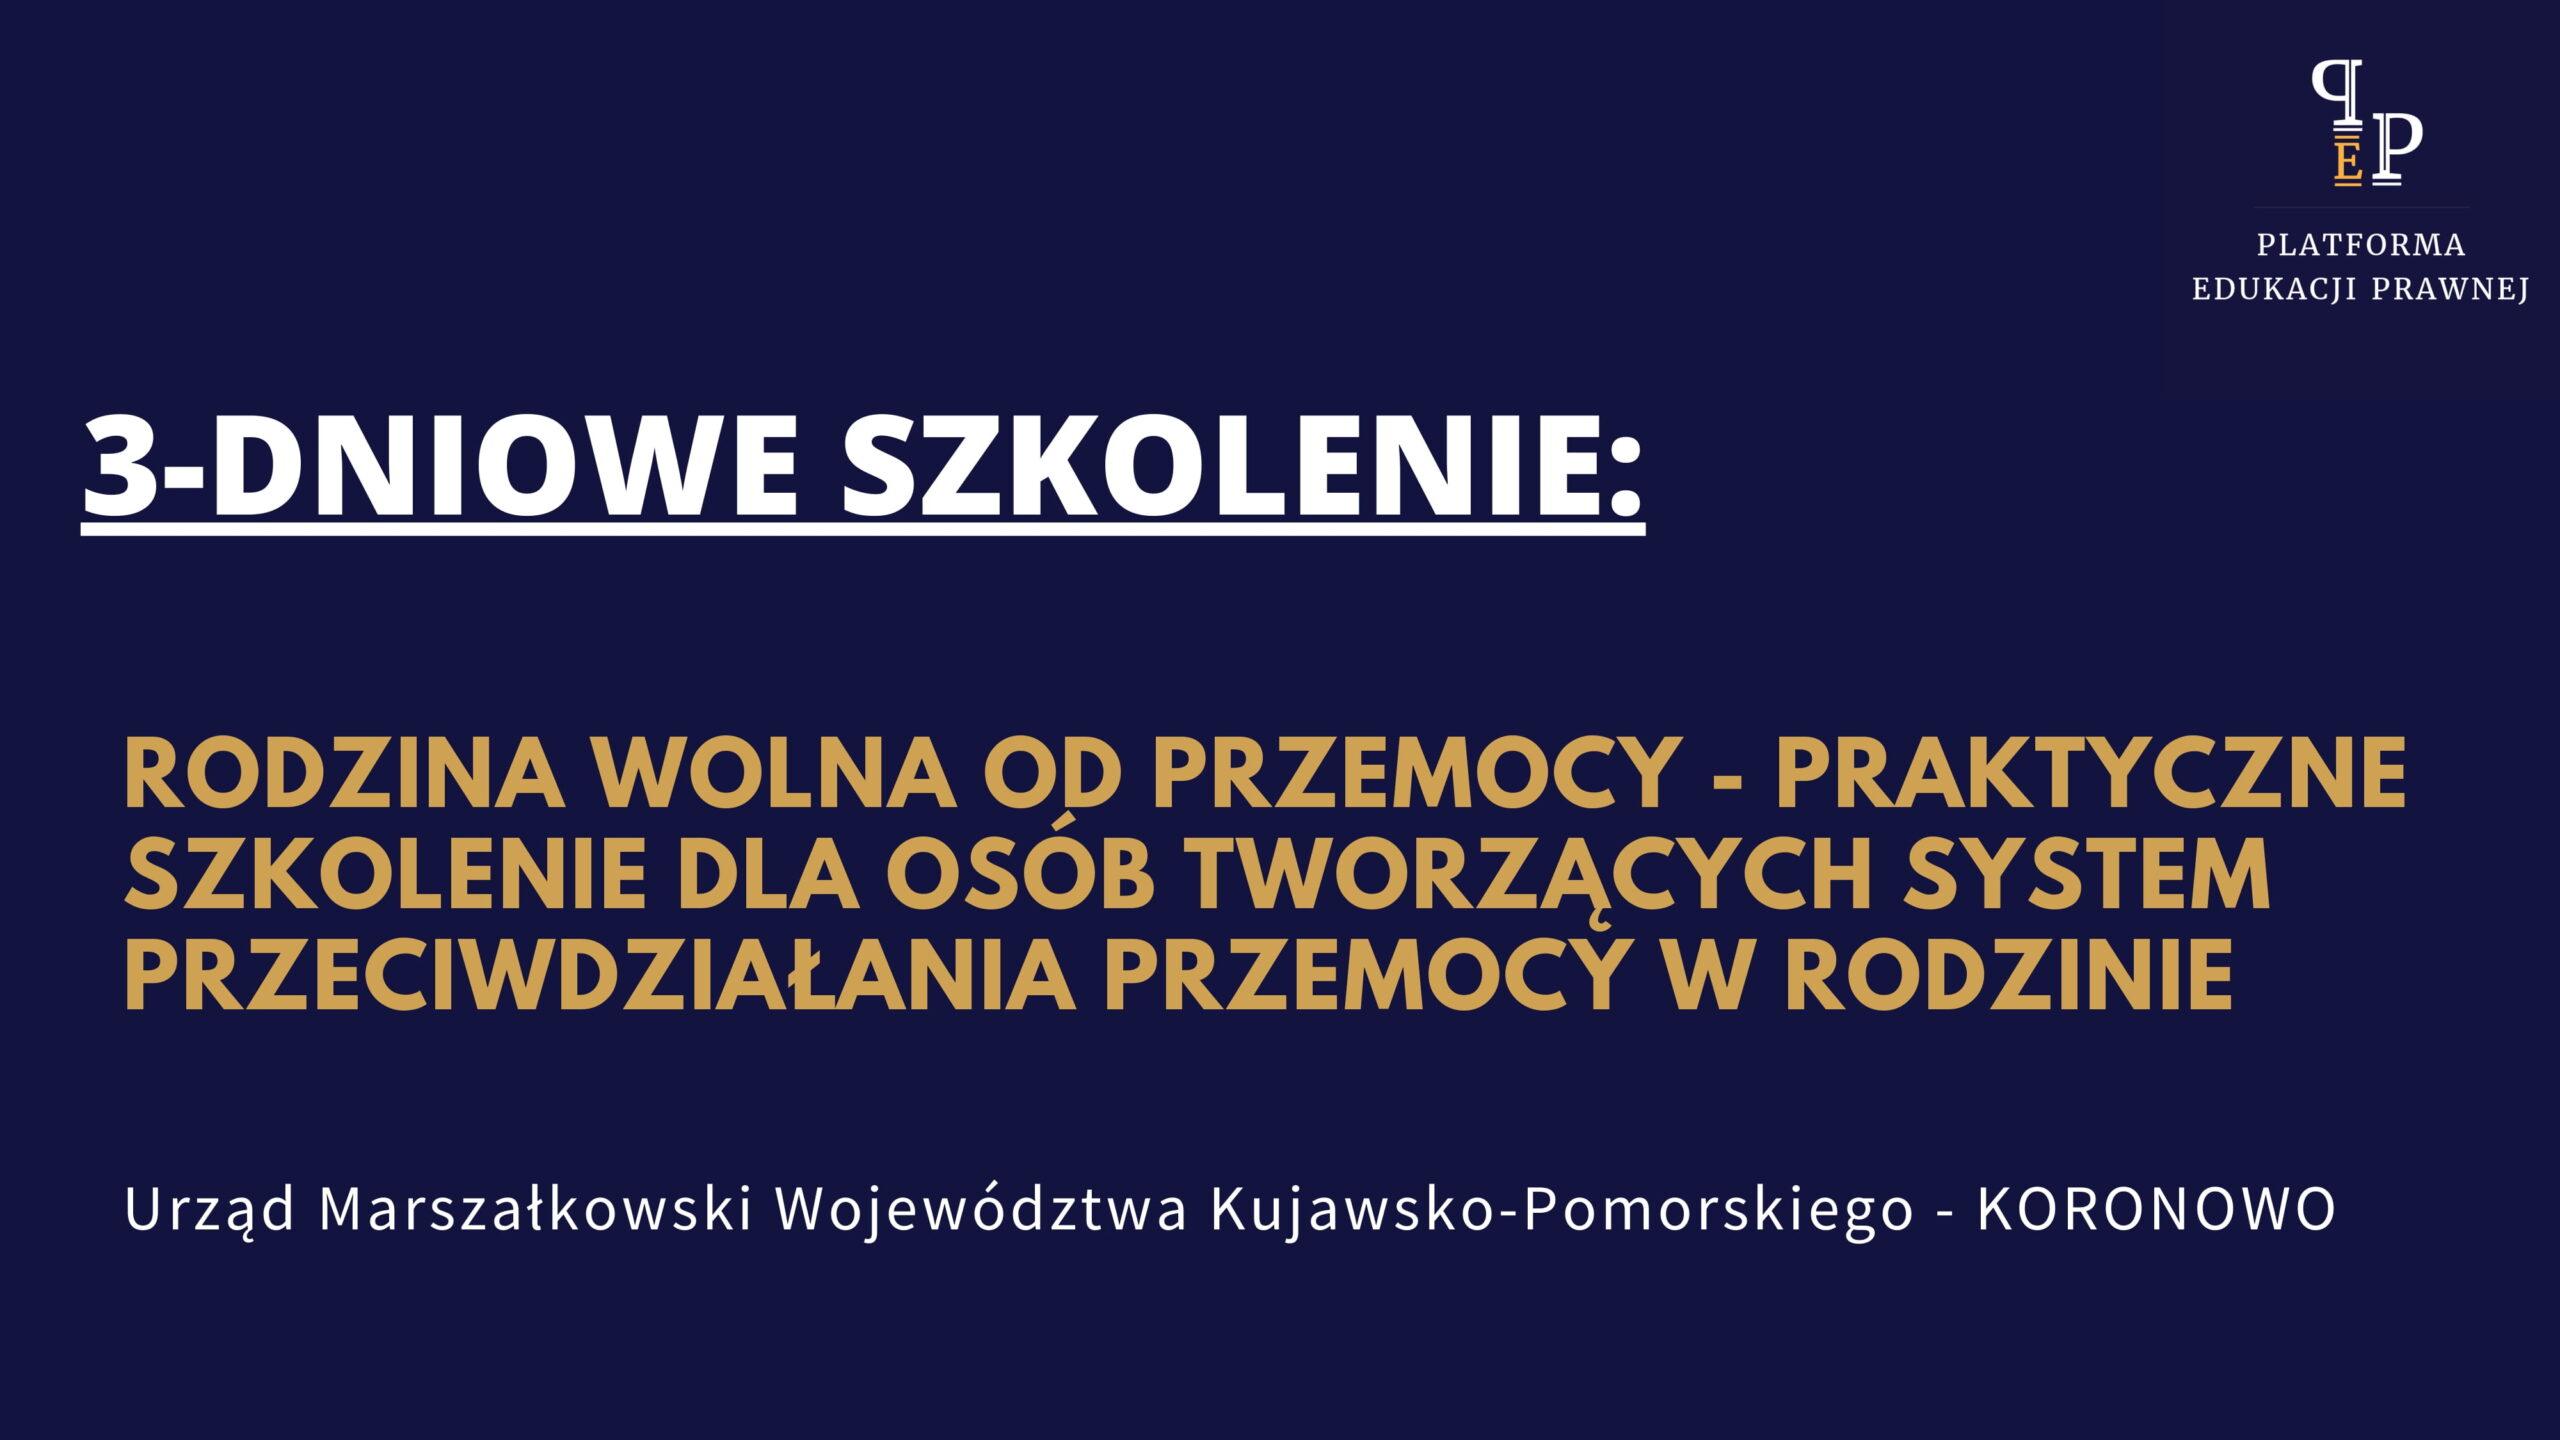 urząd_marszałkowski_województwa_kujawsko_pomorskiego_koronowo